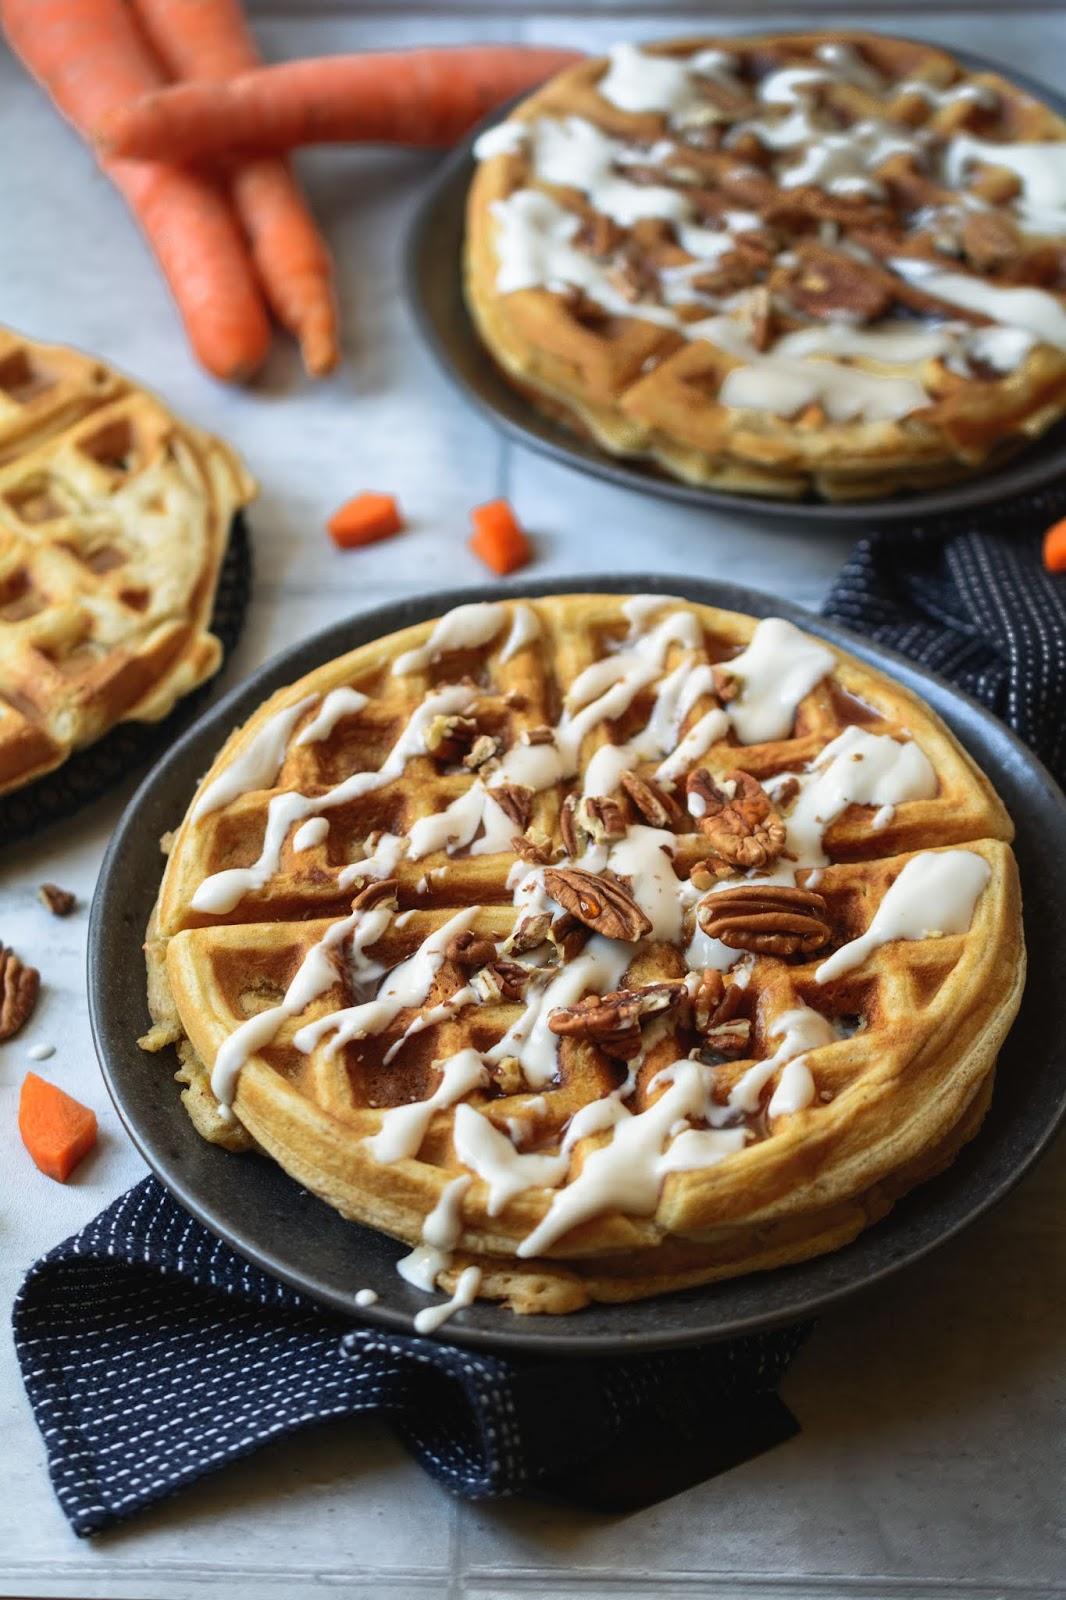 Rezept für Carrot Cake Waffeln mit Sauerrahm und Pekannüssen